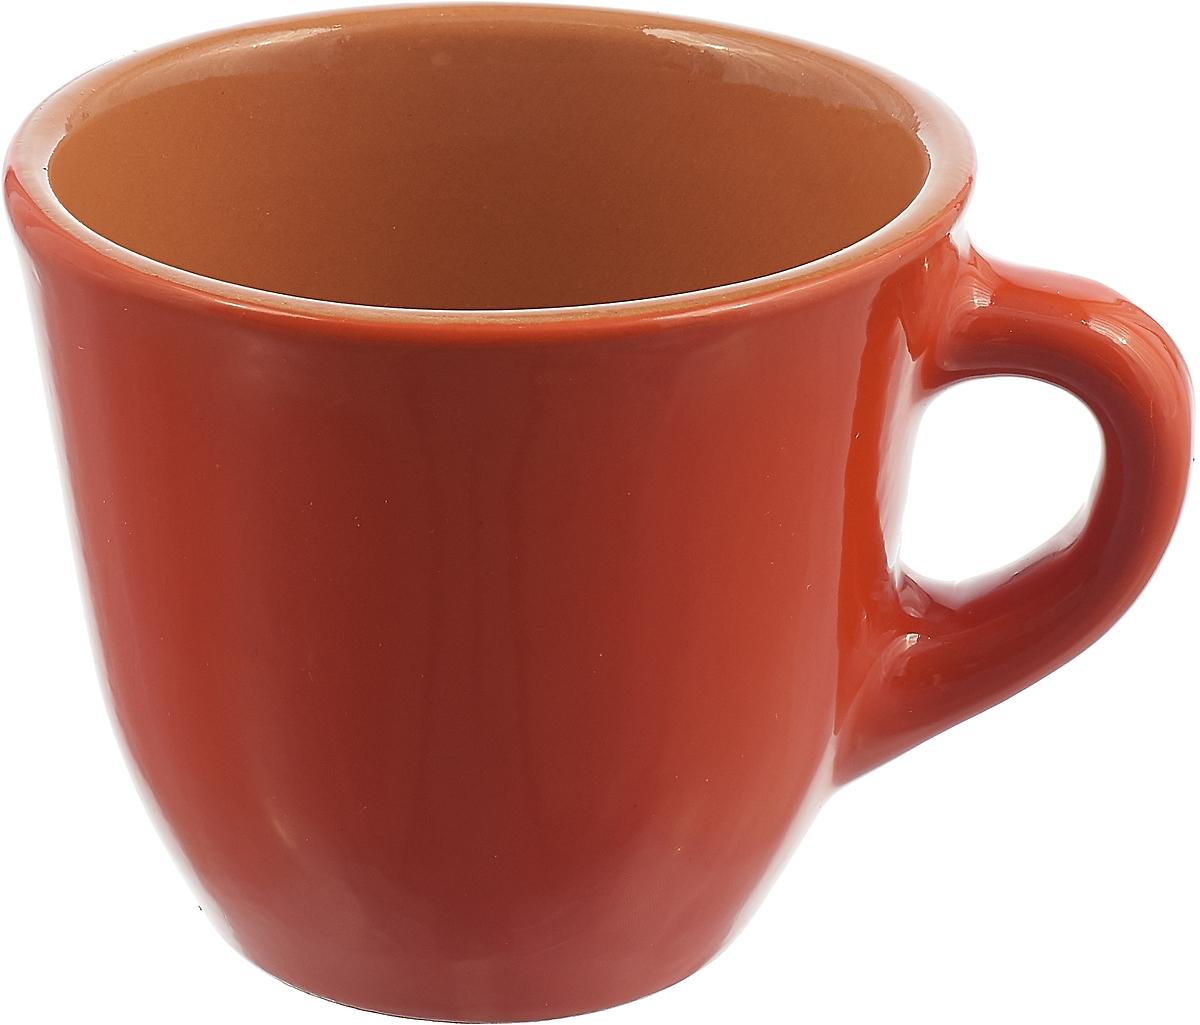 Чашка чайная Борисовская керамика Радуга, цвет: оранжевый, желтый, 300 мл чашка чайная борисовская керамика пион цвет оранжевый 300 мл